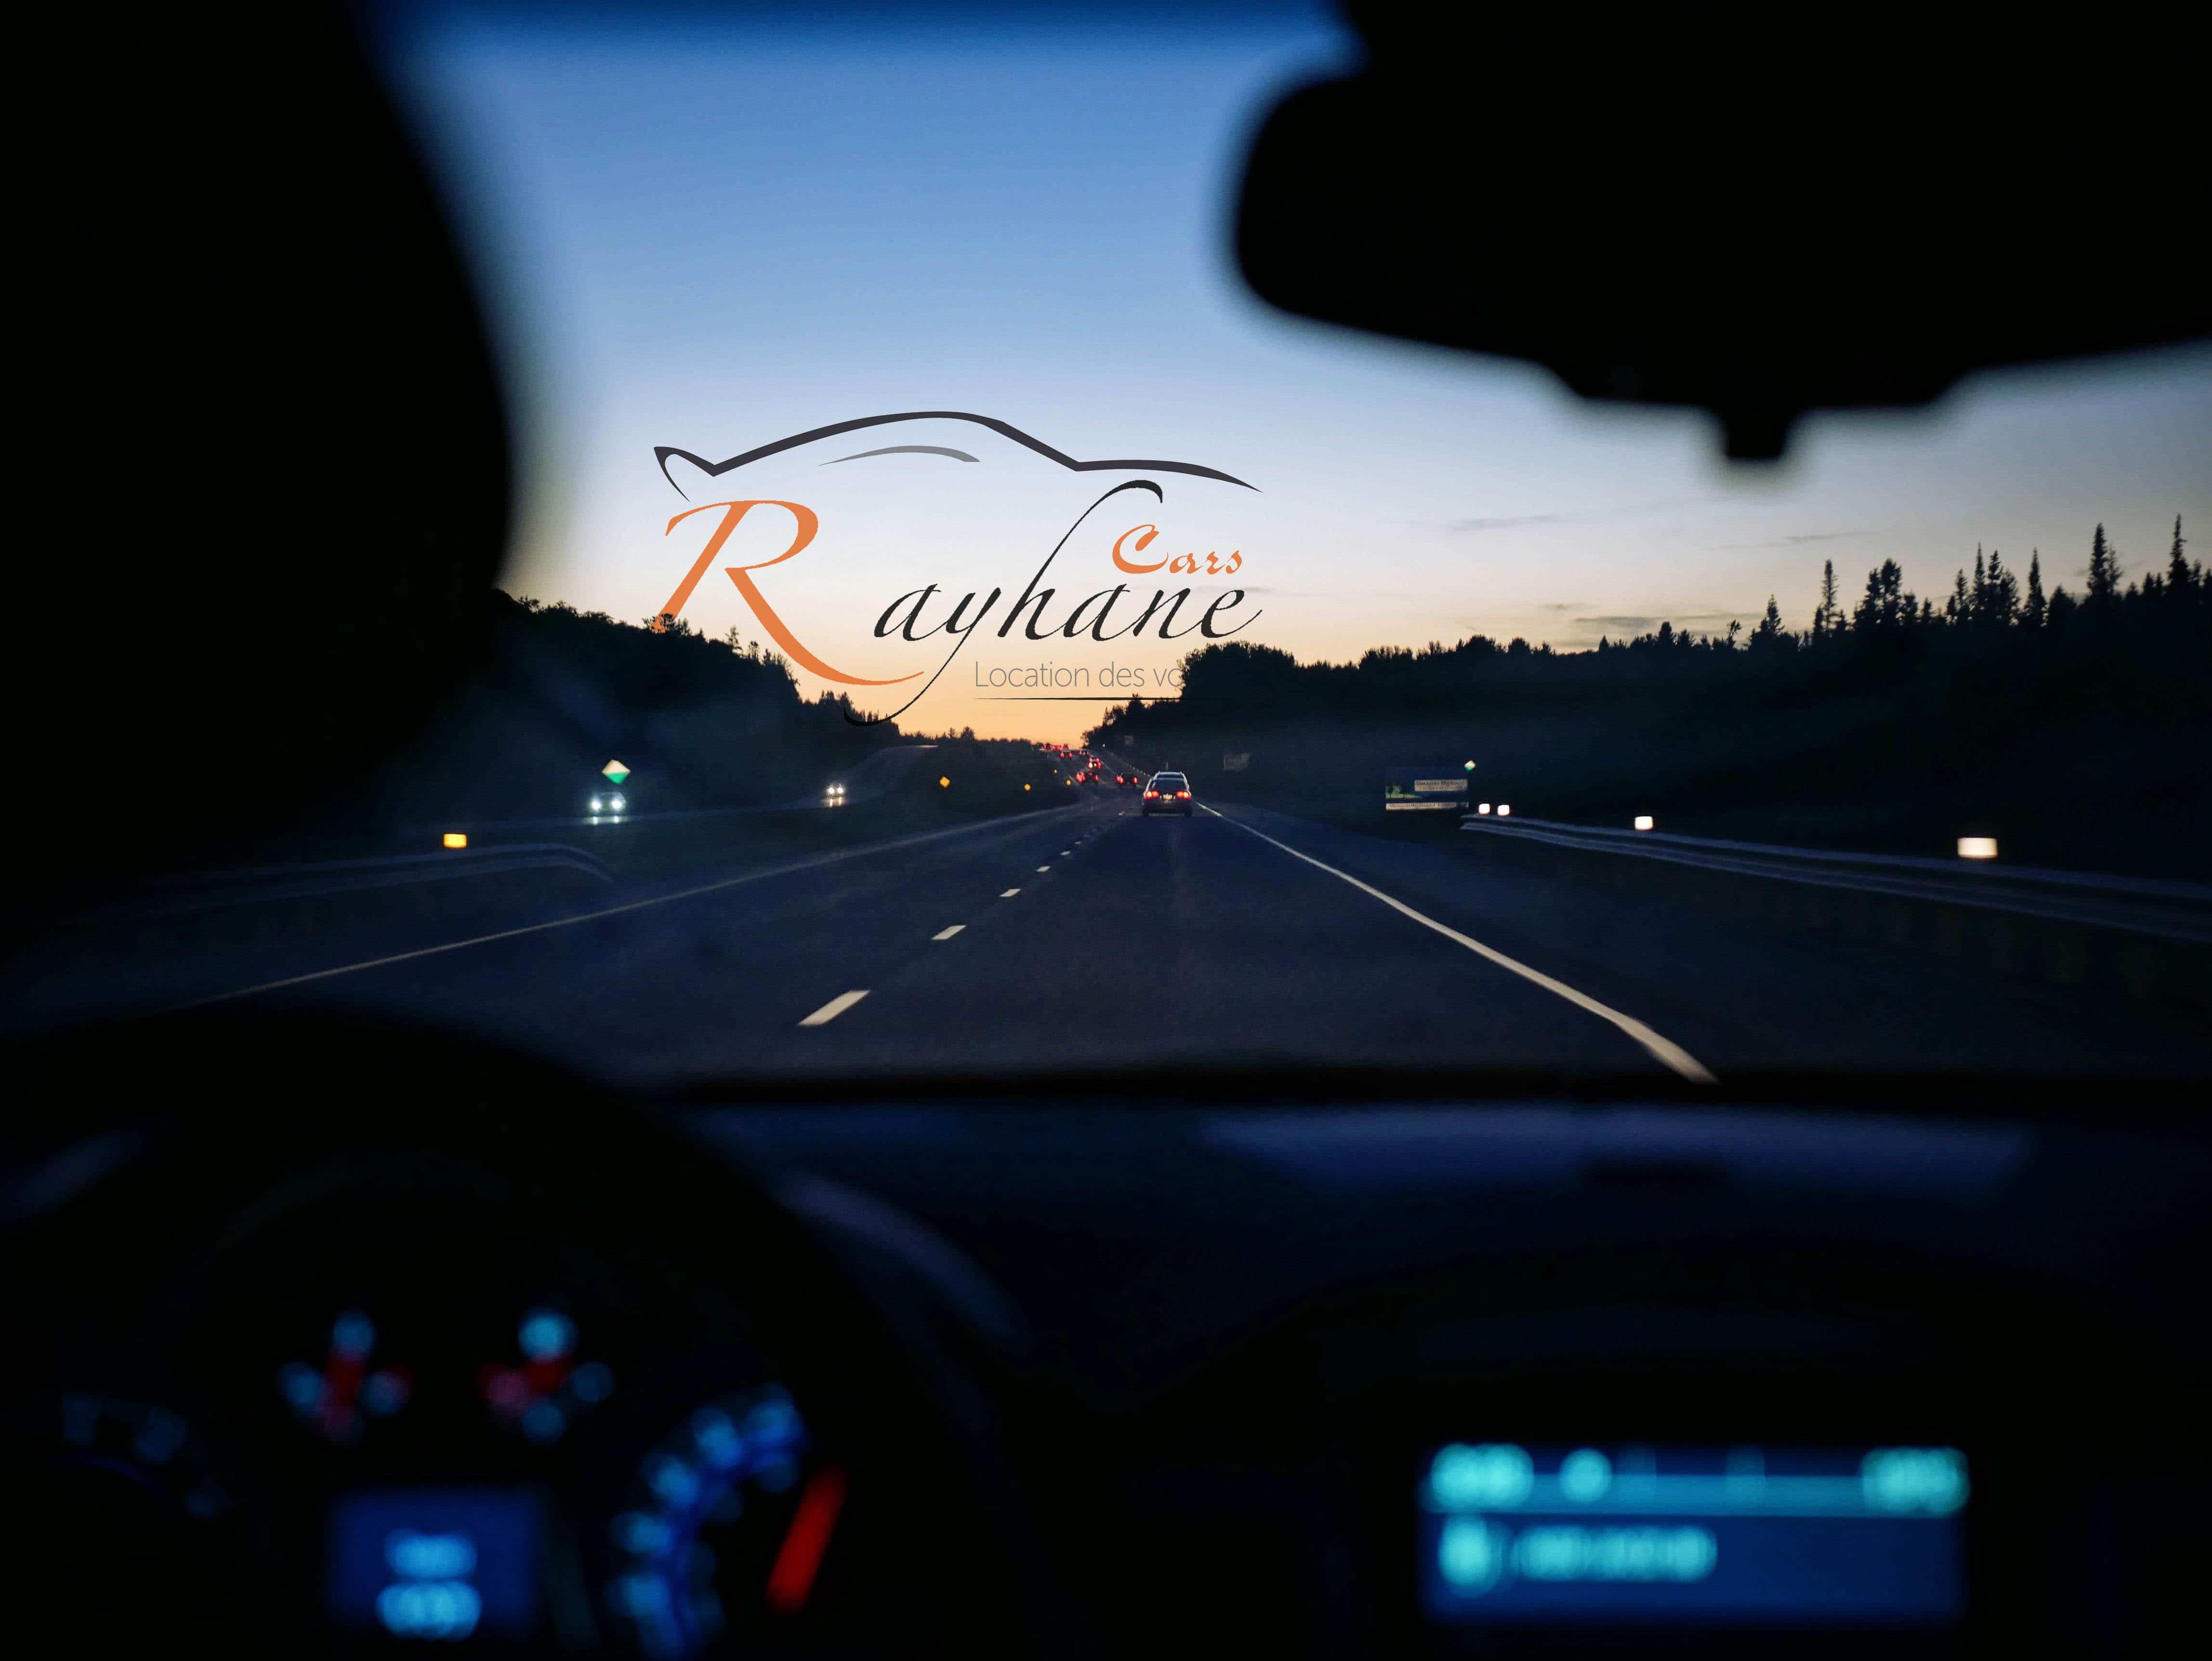 reste concentré derrière le volant